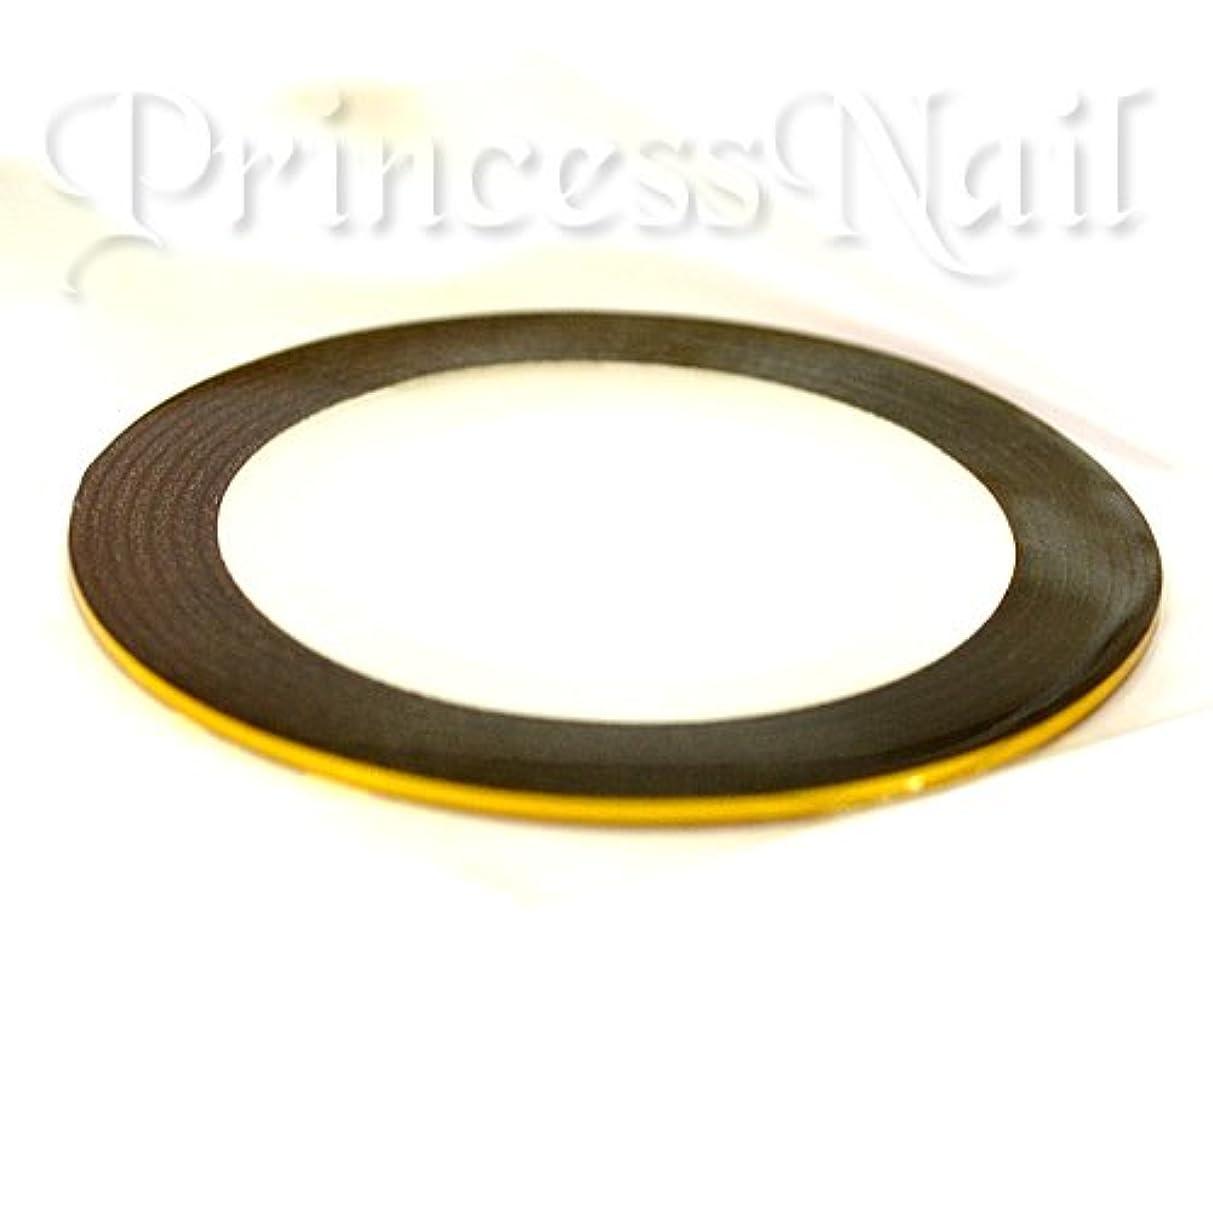 プレーヤー解釈する樹皮ラインテープ ゴールド(gold)幅1ミリ×長さ18メートルのラインシール